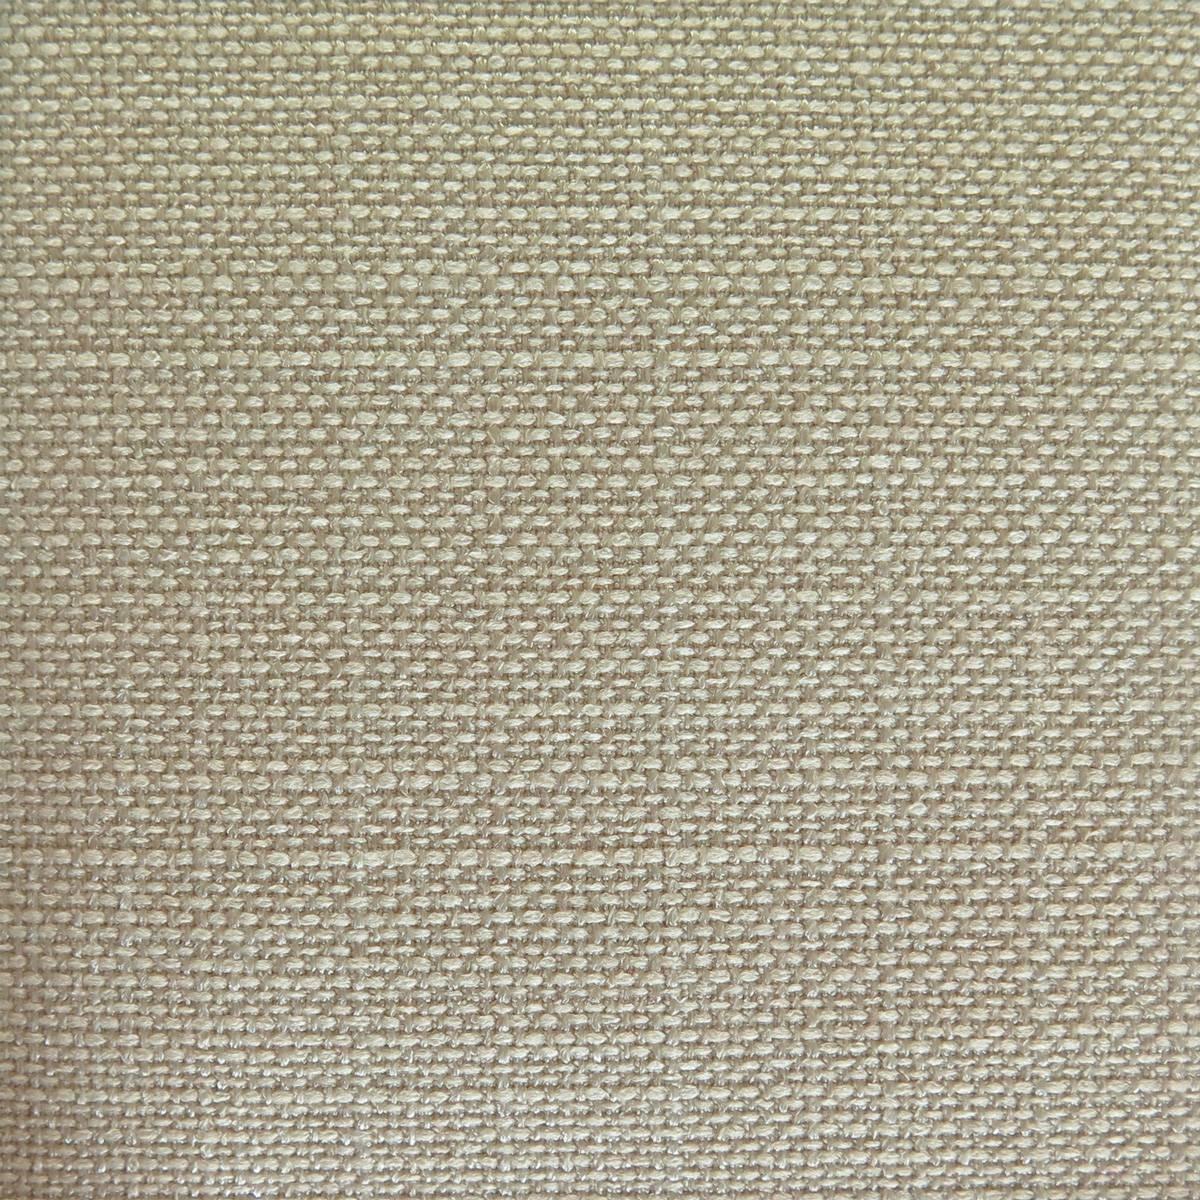 blickdichter vorhang davos weiss beige braun schwarz. Black Bedroom Furniture Sets. Home Design Ideas